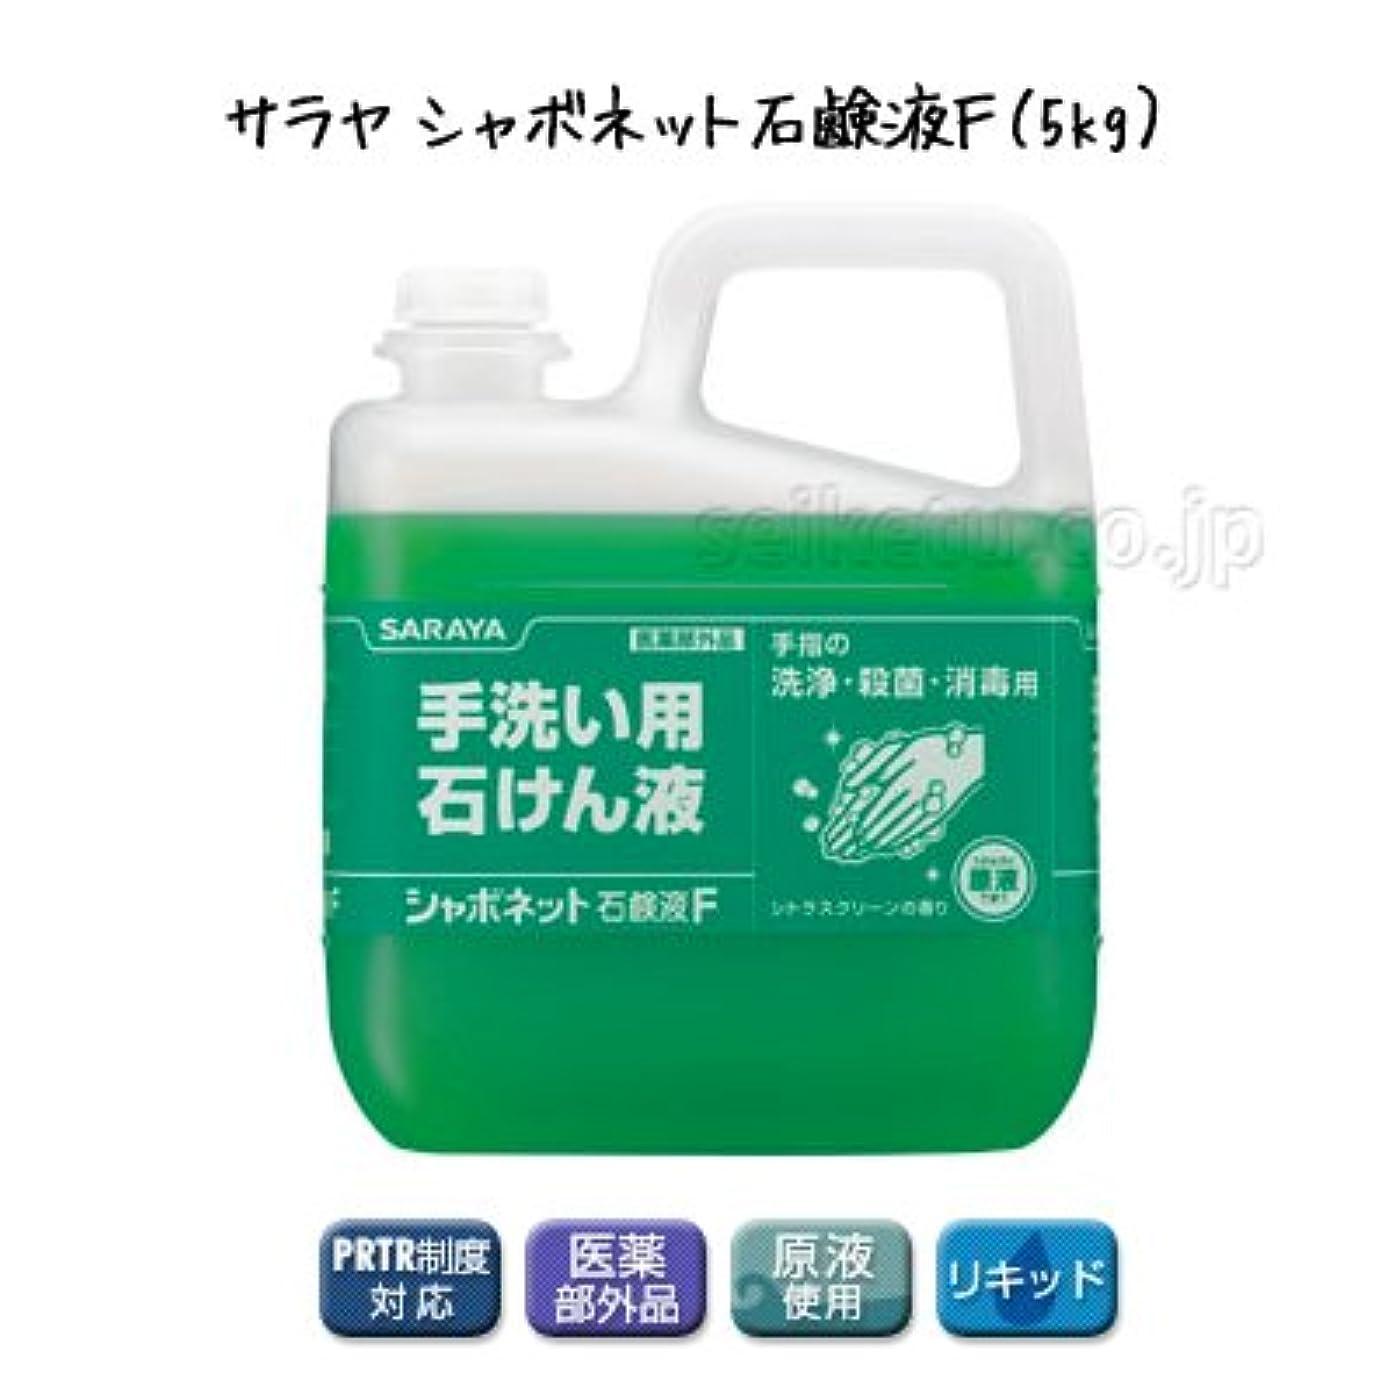 補助金著名な傾く【清潔キレイ館】サラヤ シャボネット石鹸液F(5kg)